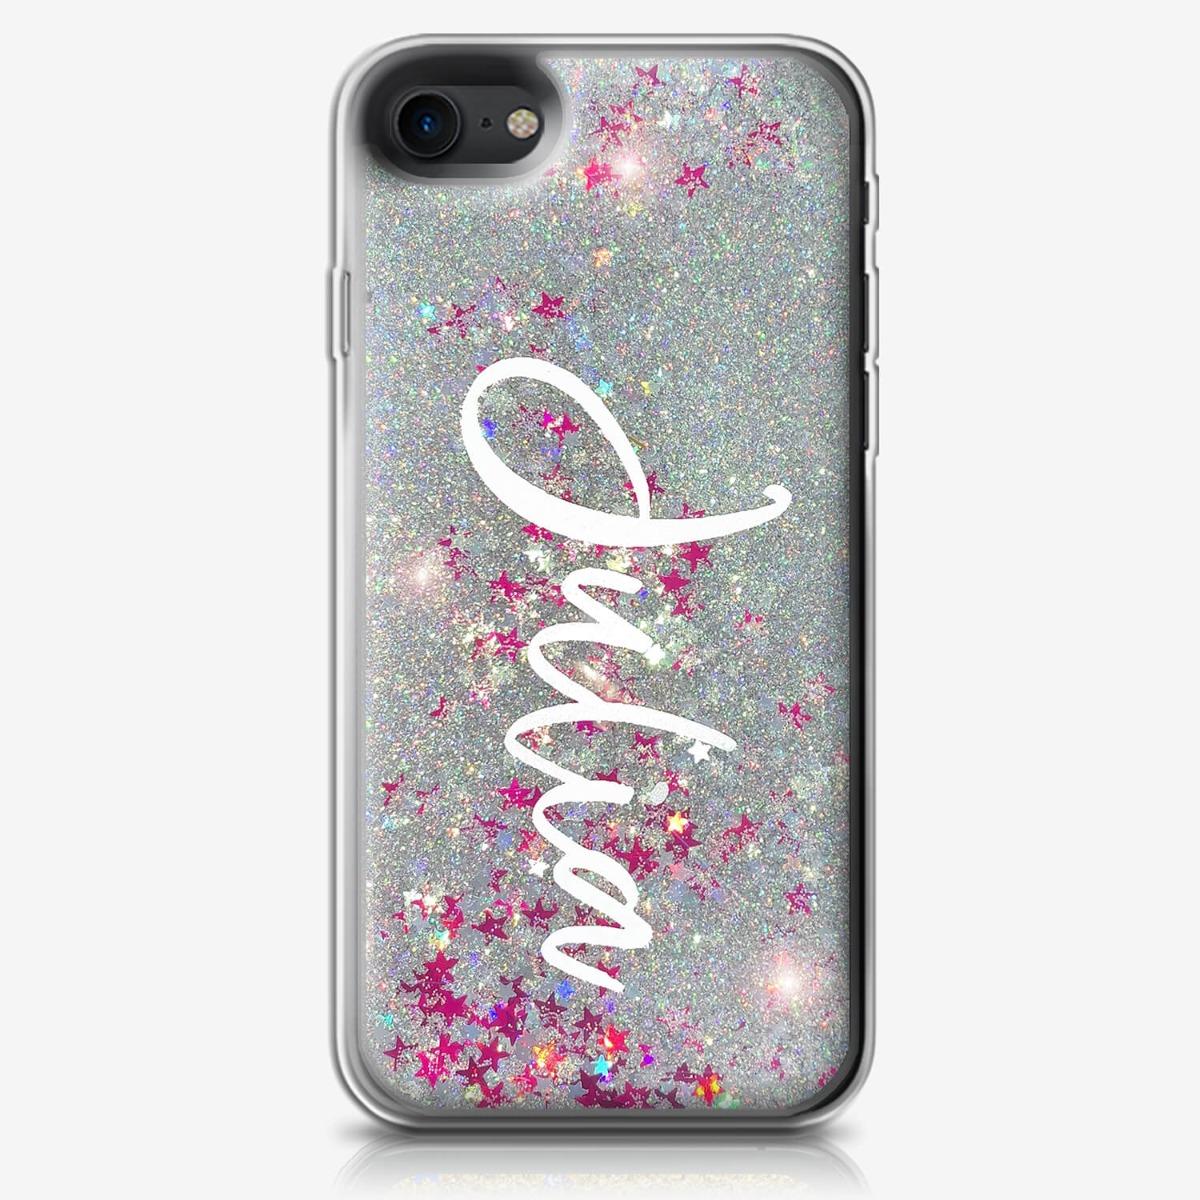 iPhone SE 2020 Glitter Case 16140